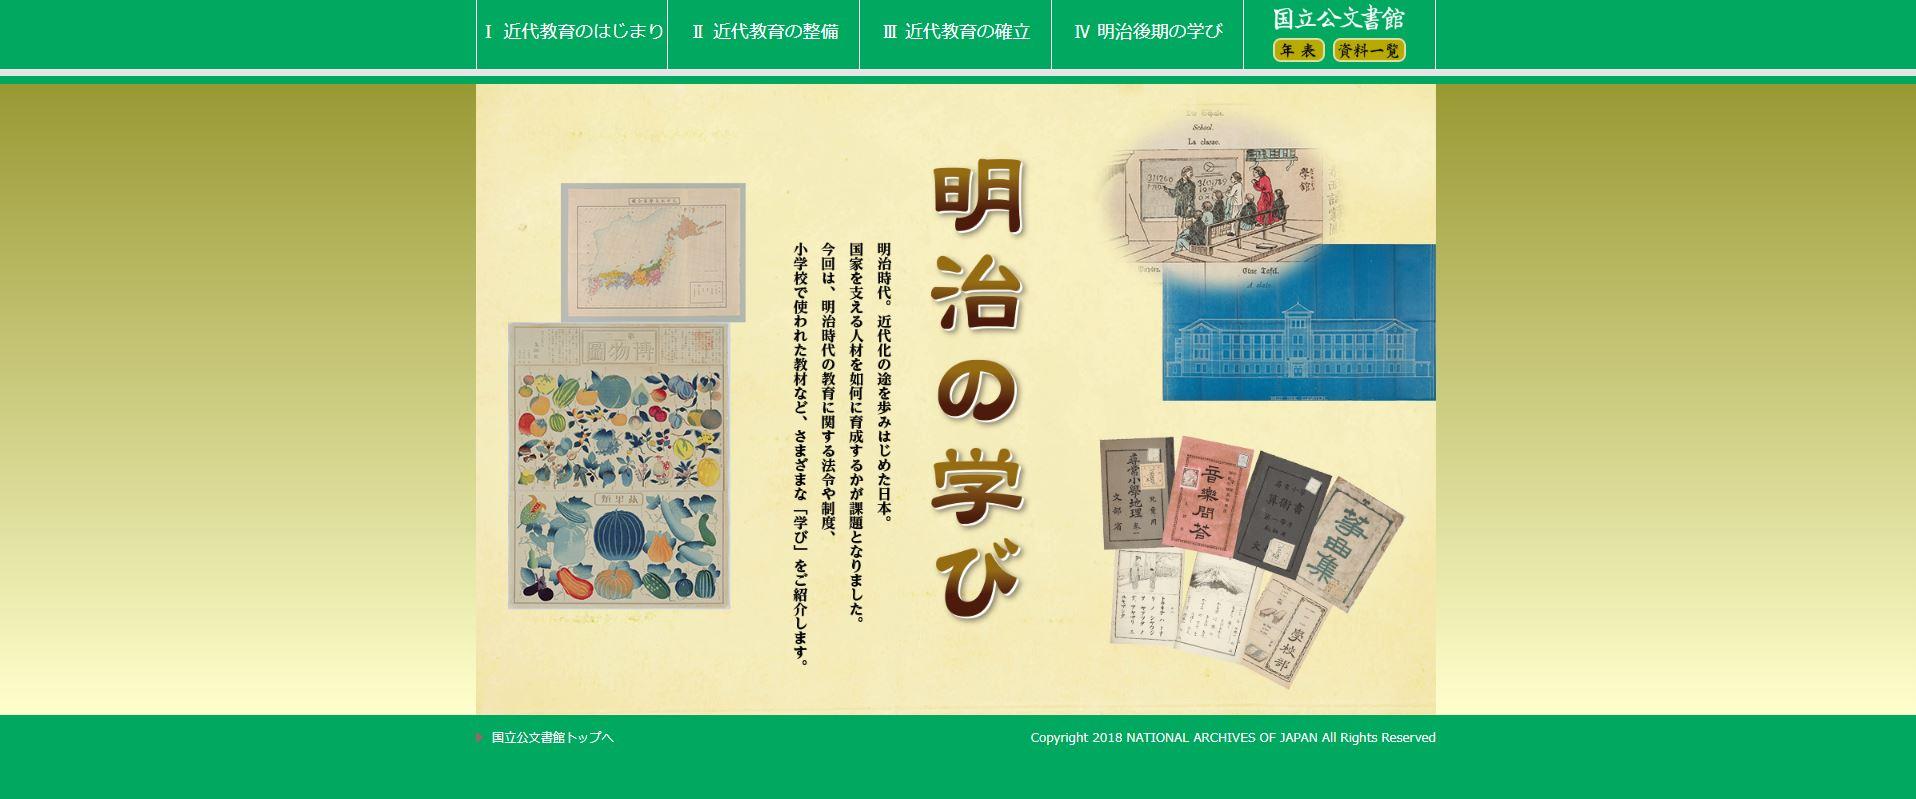 日本明治維新的教育改革